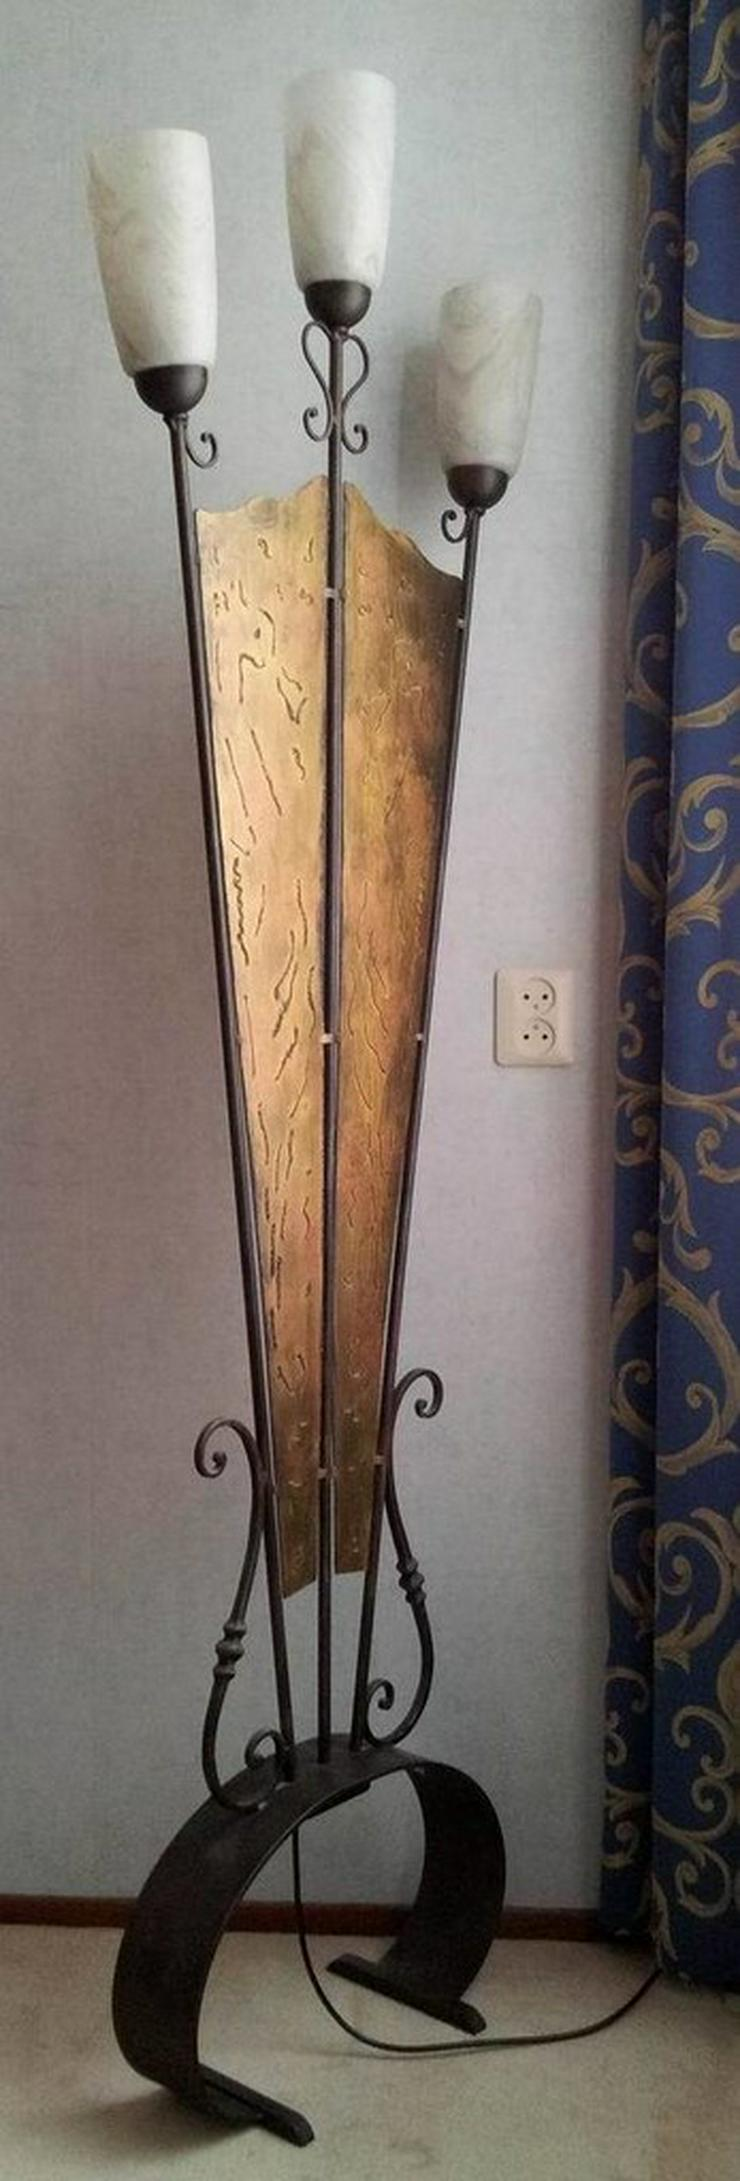 Bild 2: Stehlampe (Schmiedeeisen)